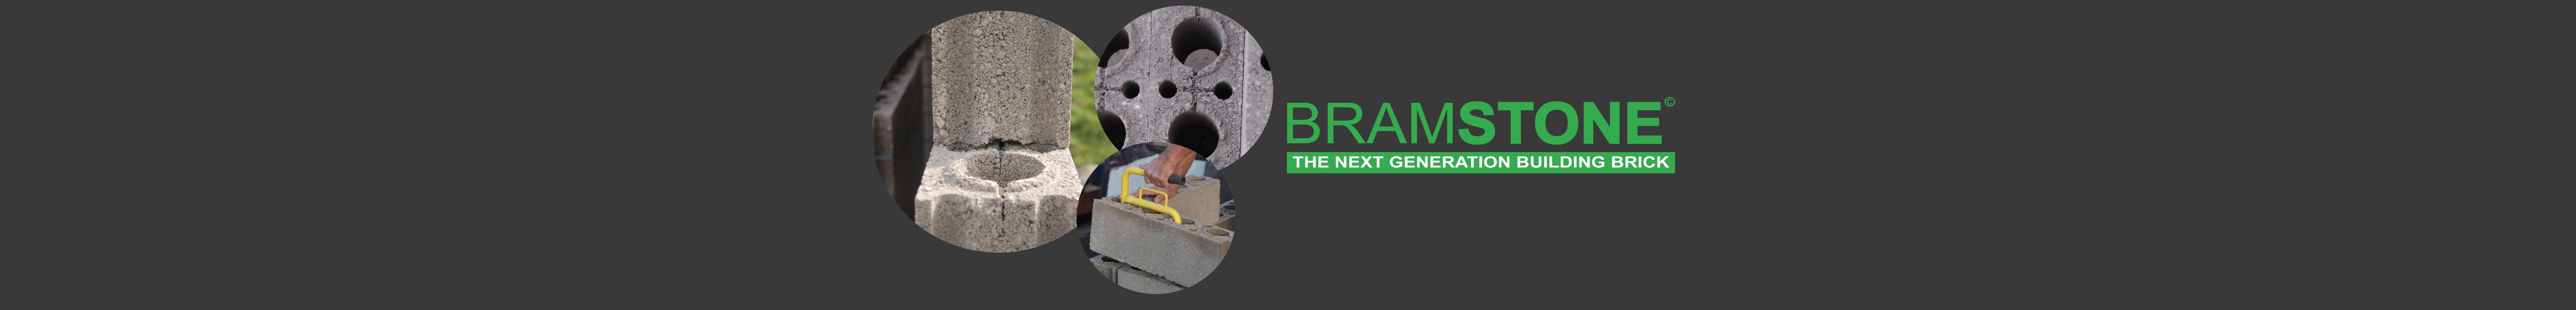 Bramstone